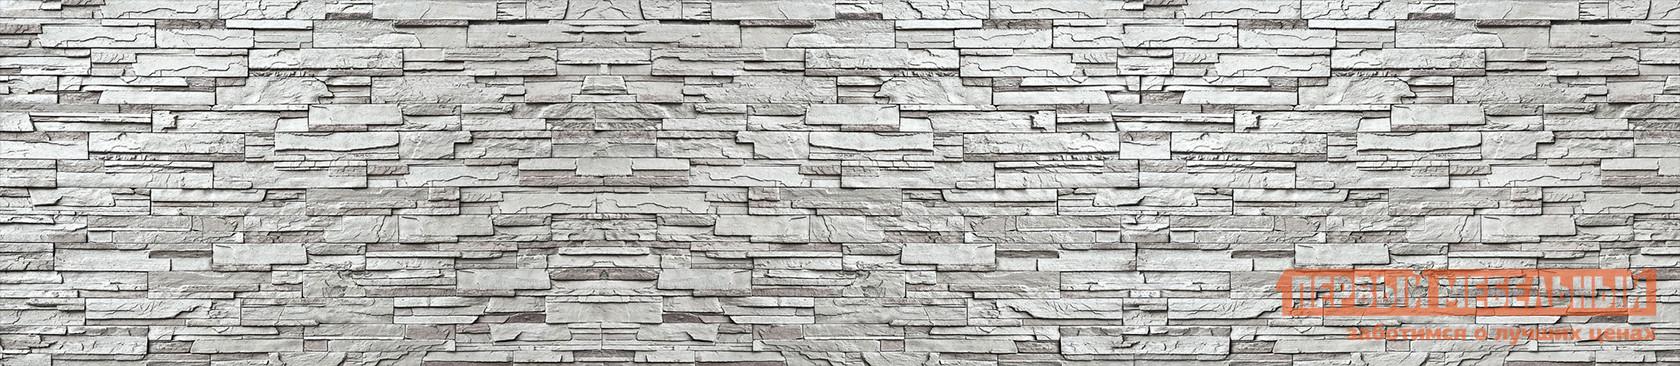 Стеновая панель Первый Мебельный Стеновая панель FM-018 длина 280 см, глянец plusobject стеновая панель silver fog